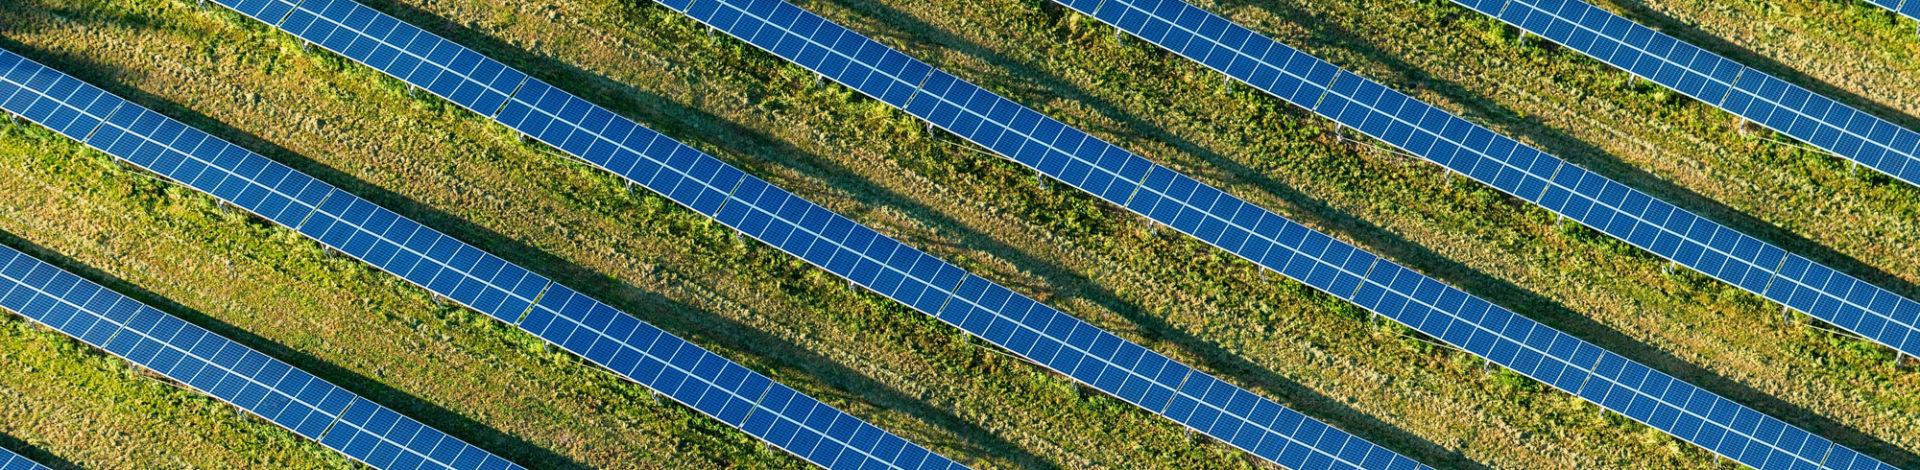 Sunvie, concepteur d'installations photovoltaïques